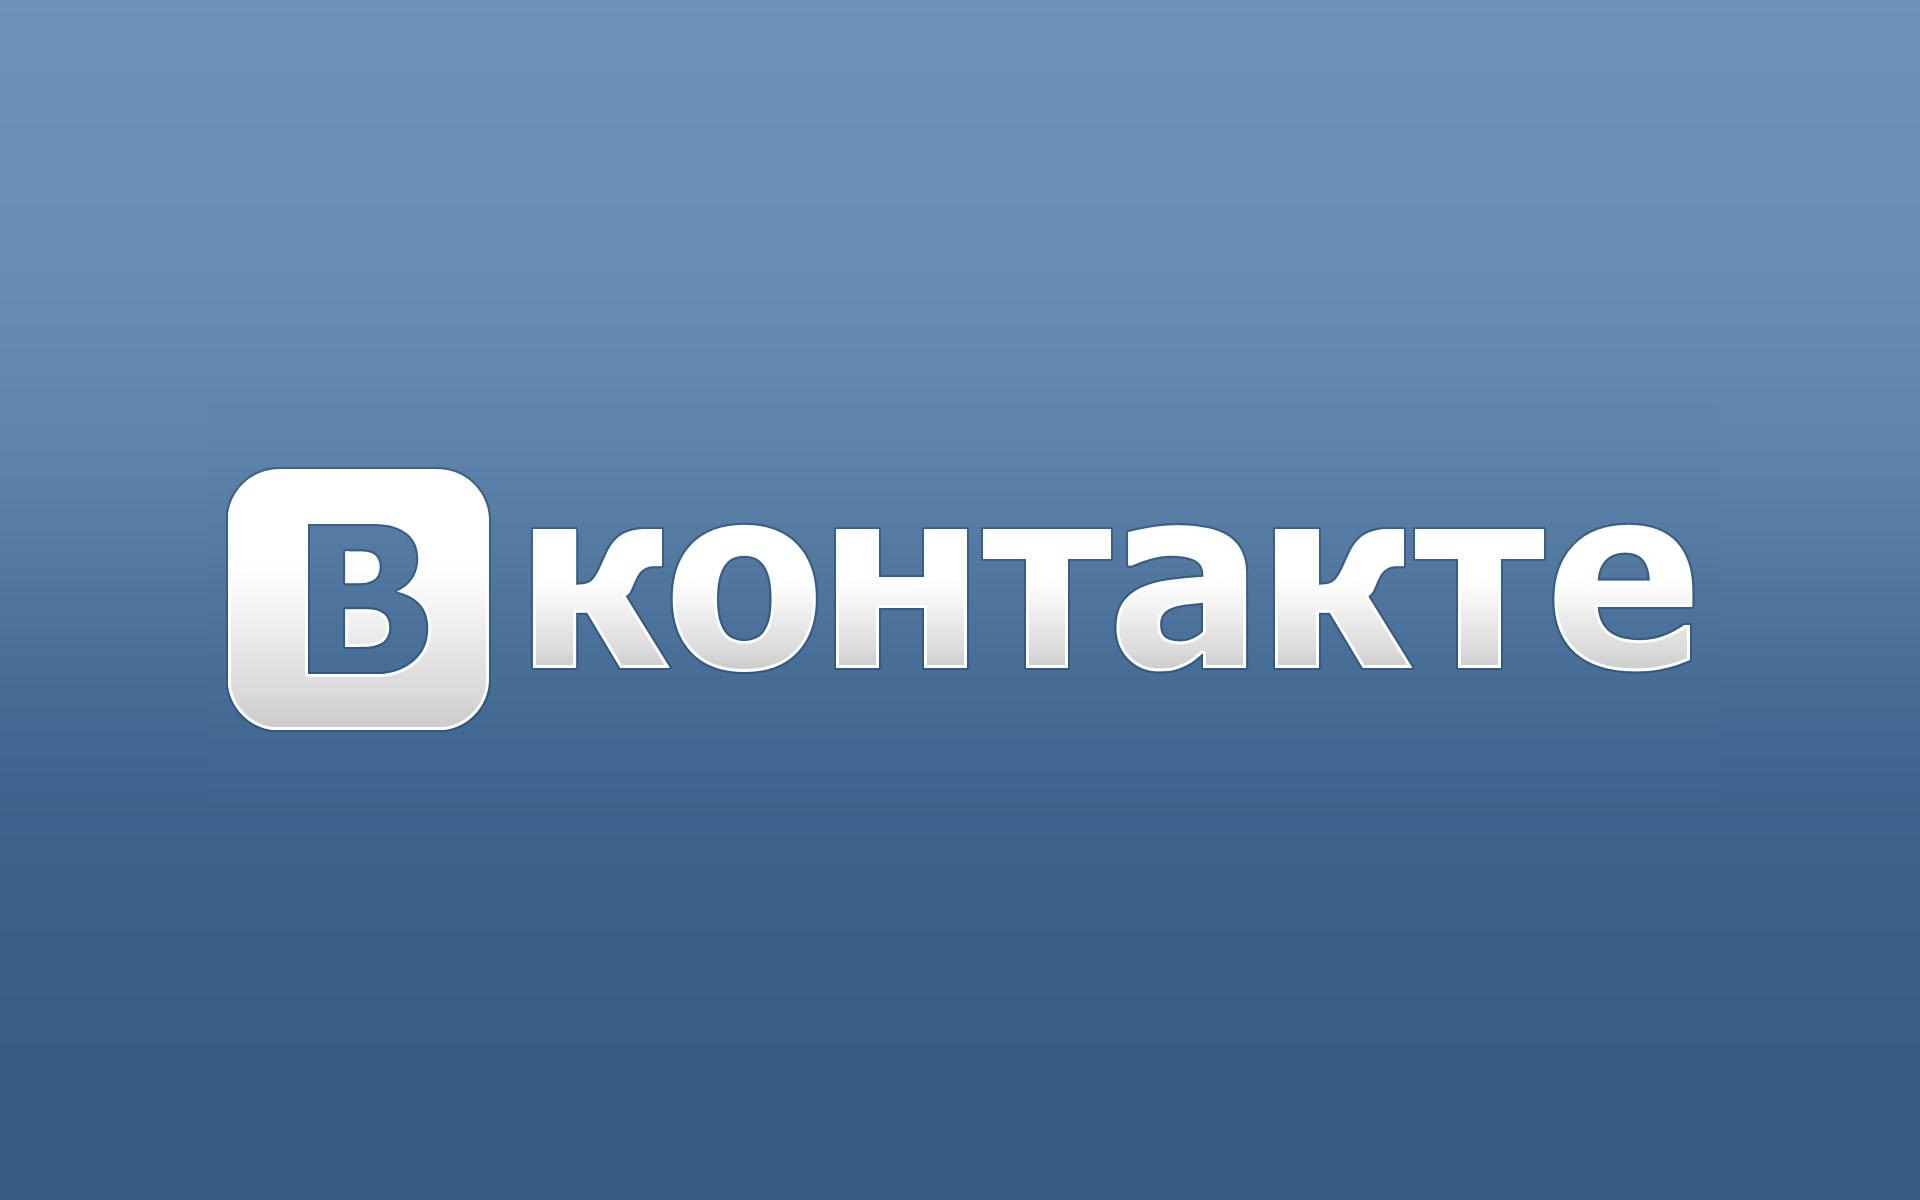 Vkontakte-ն դադարեցրել է անձնական տվյալների արտահոսքը